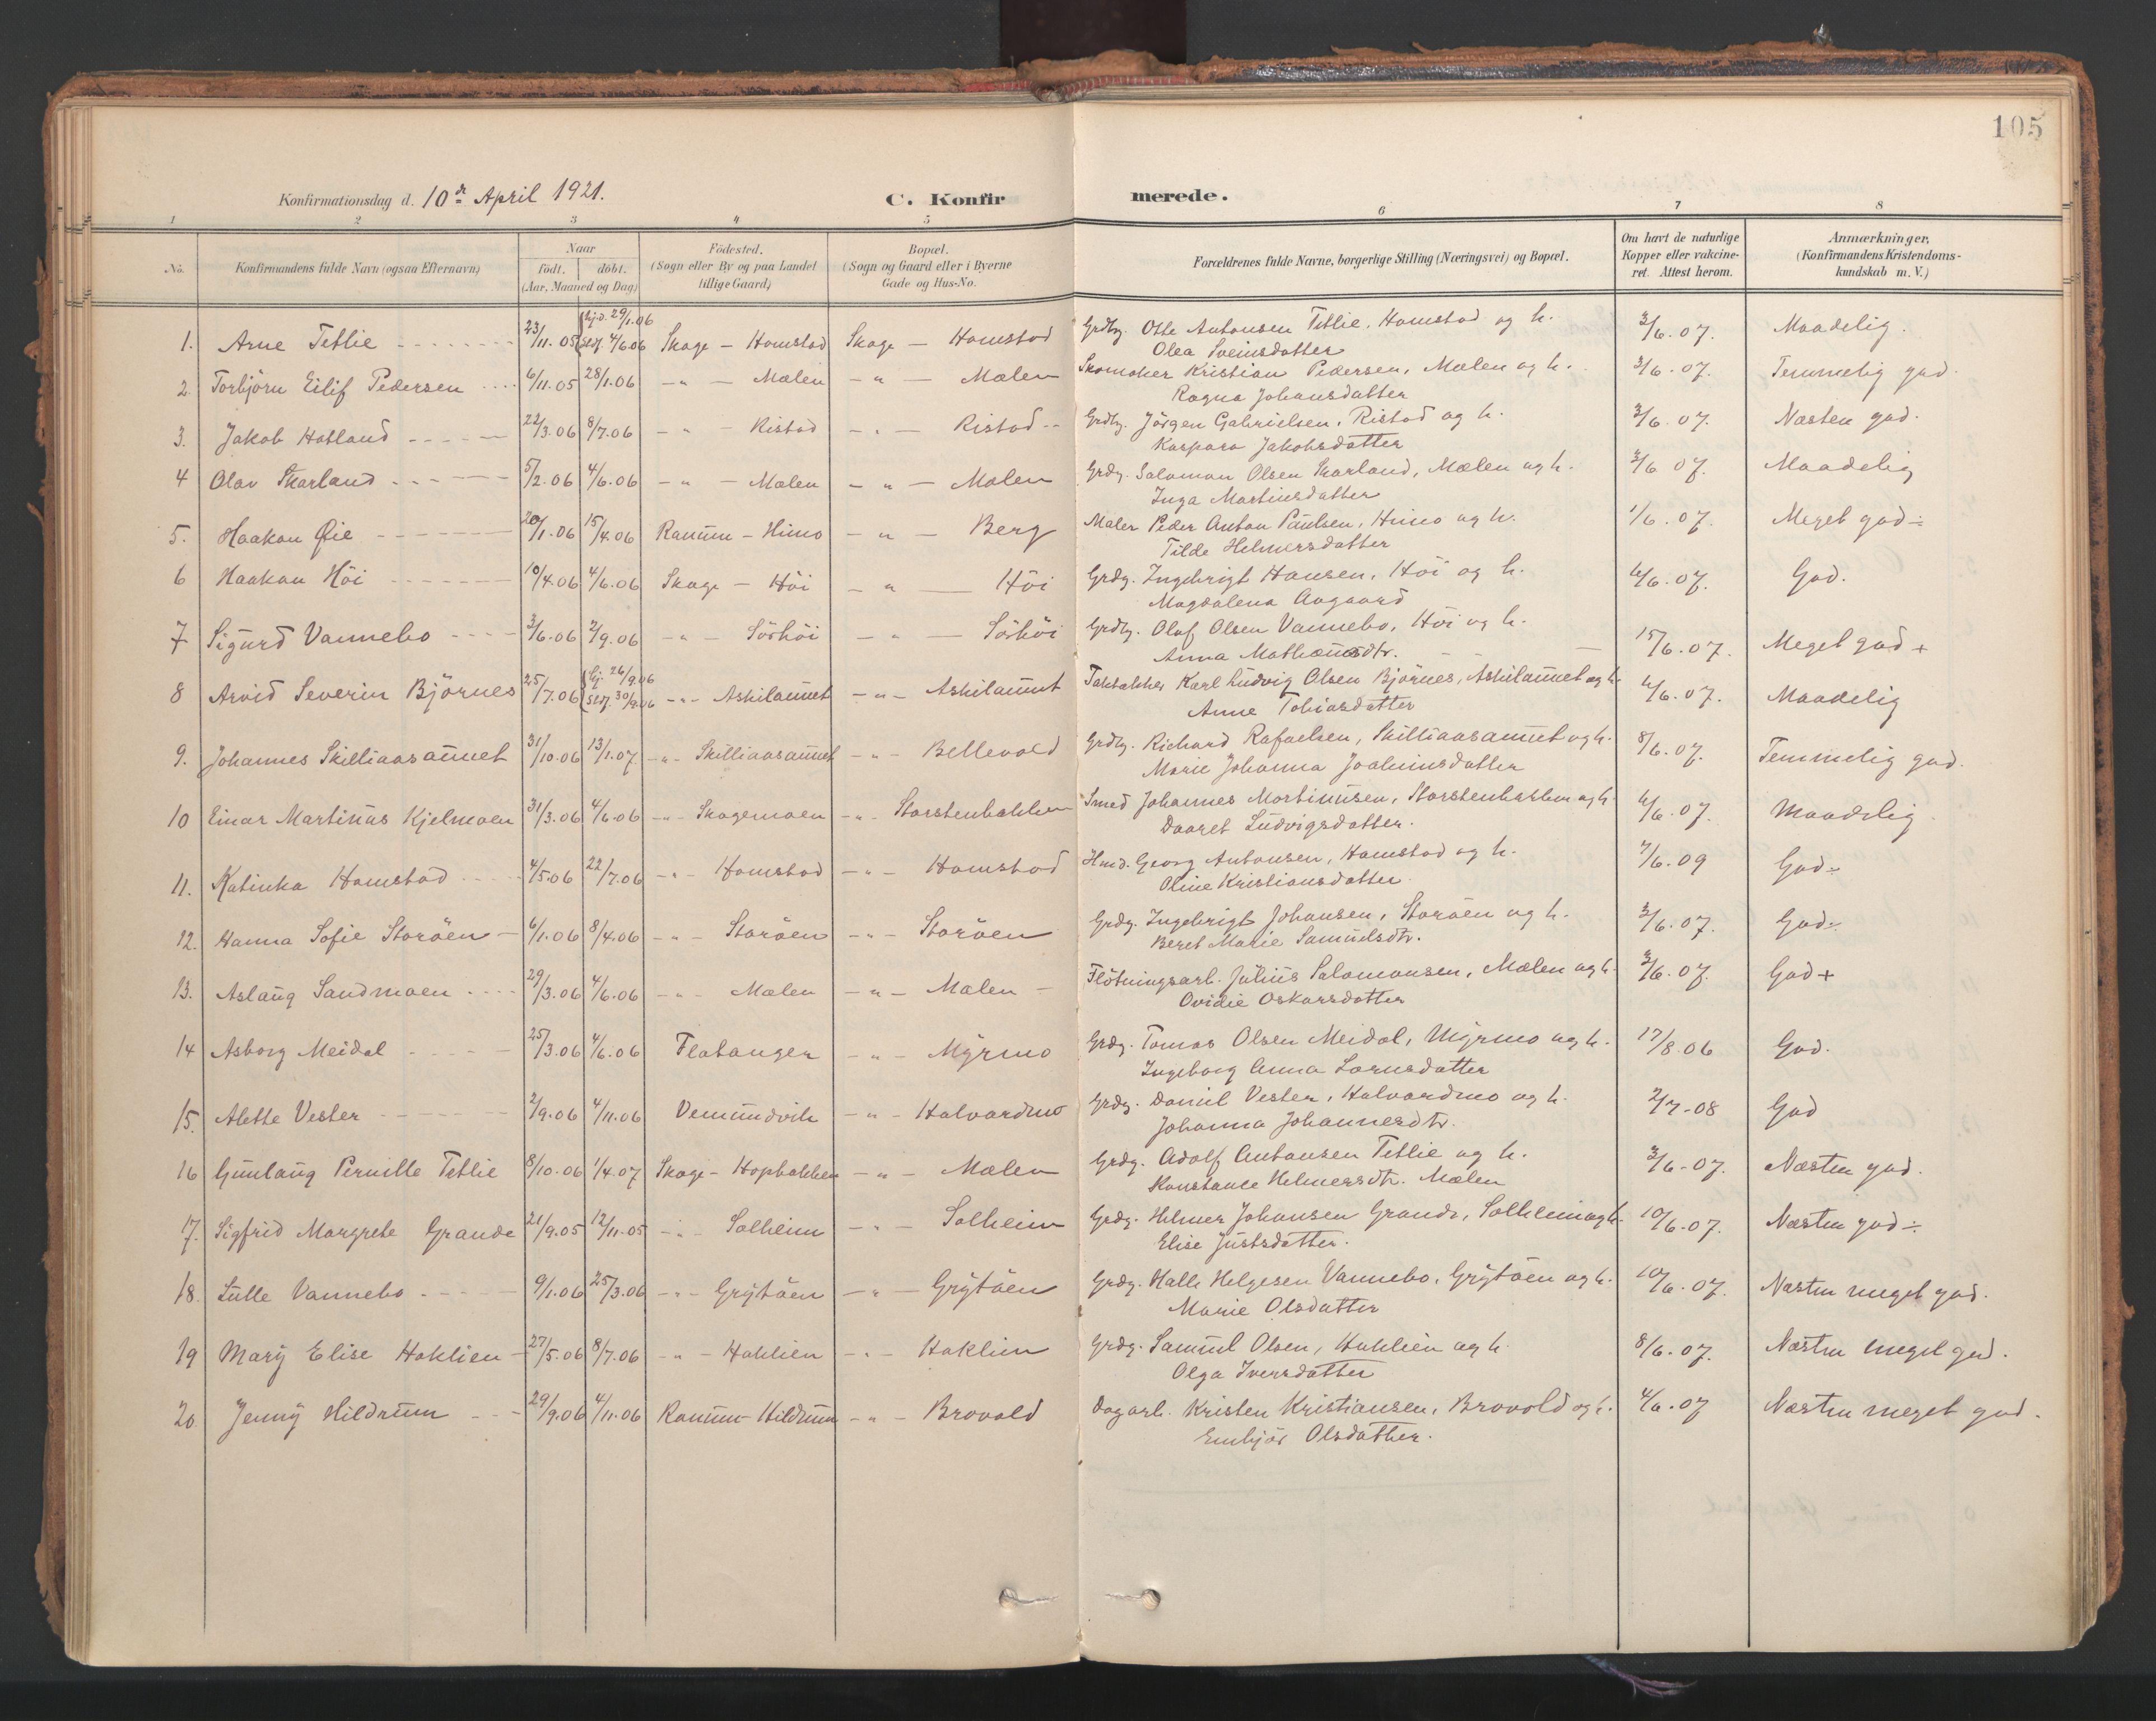 SAT, Ministerialprotokoller, klokkerbøker og fødselsregistre - Nord-Trøndelag, 766/L0564: Ministerialbok nr. 767A02, 1900-1932, s. 105